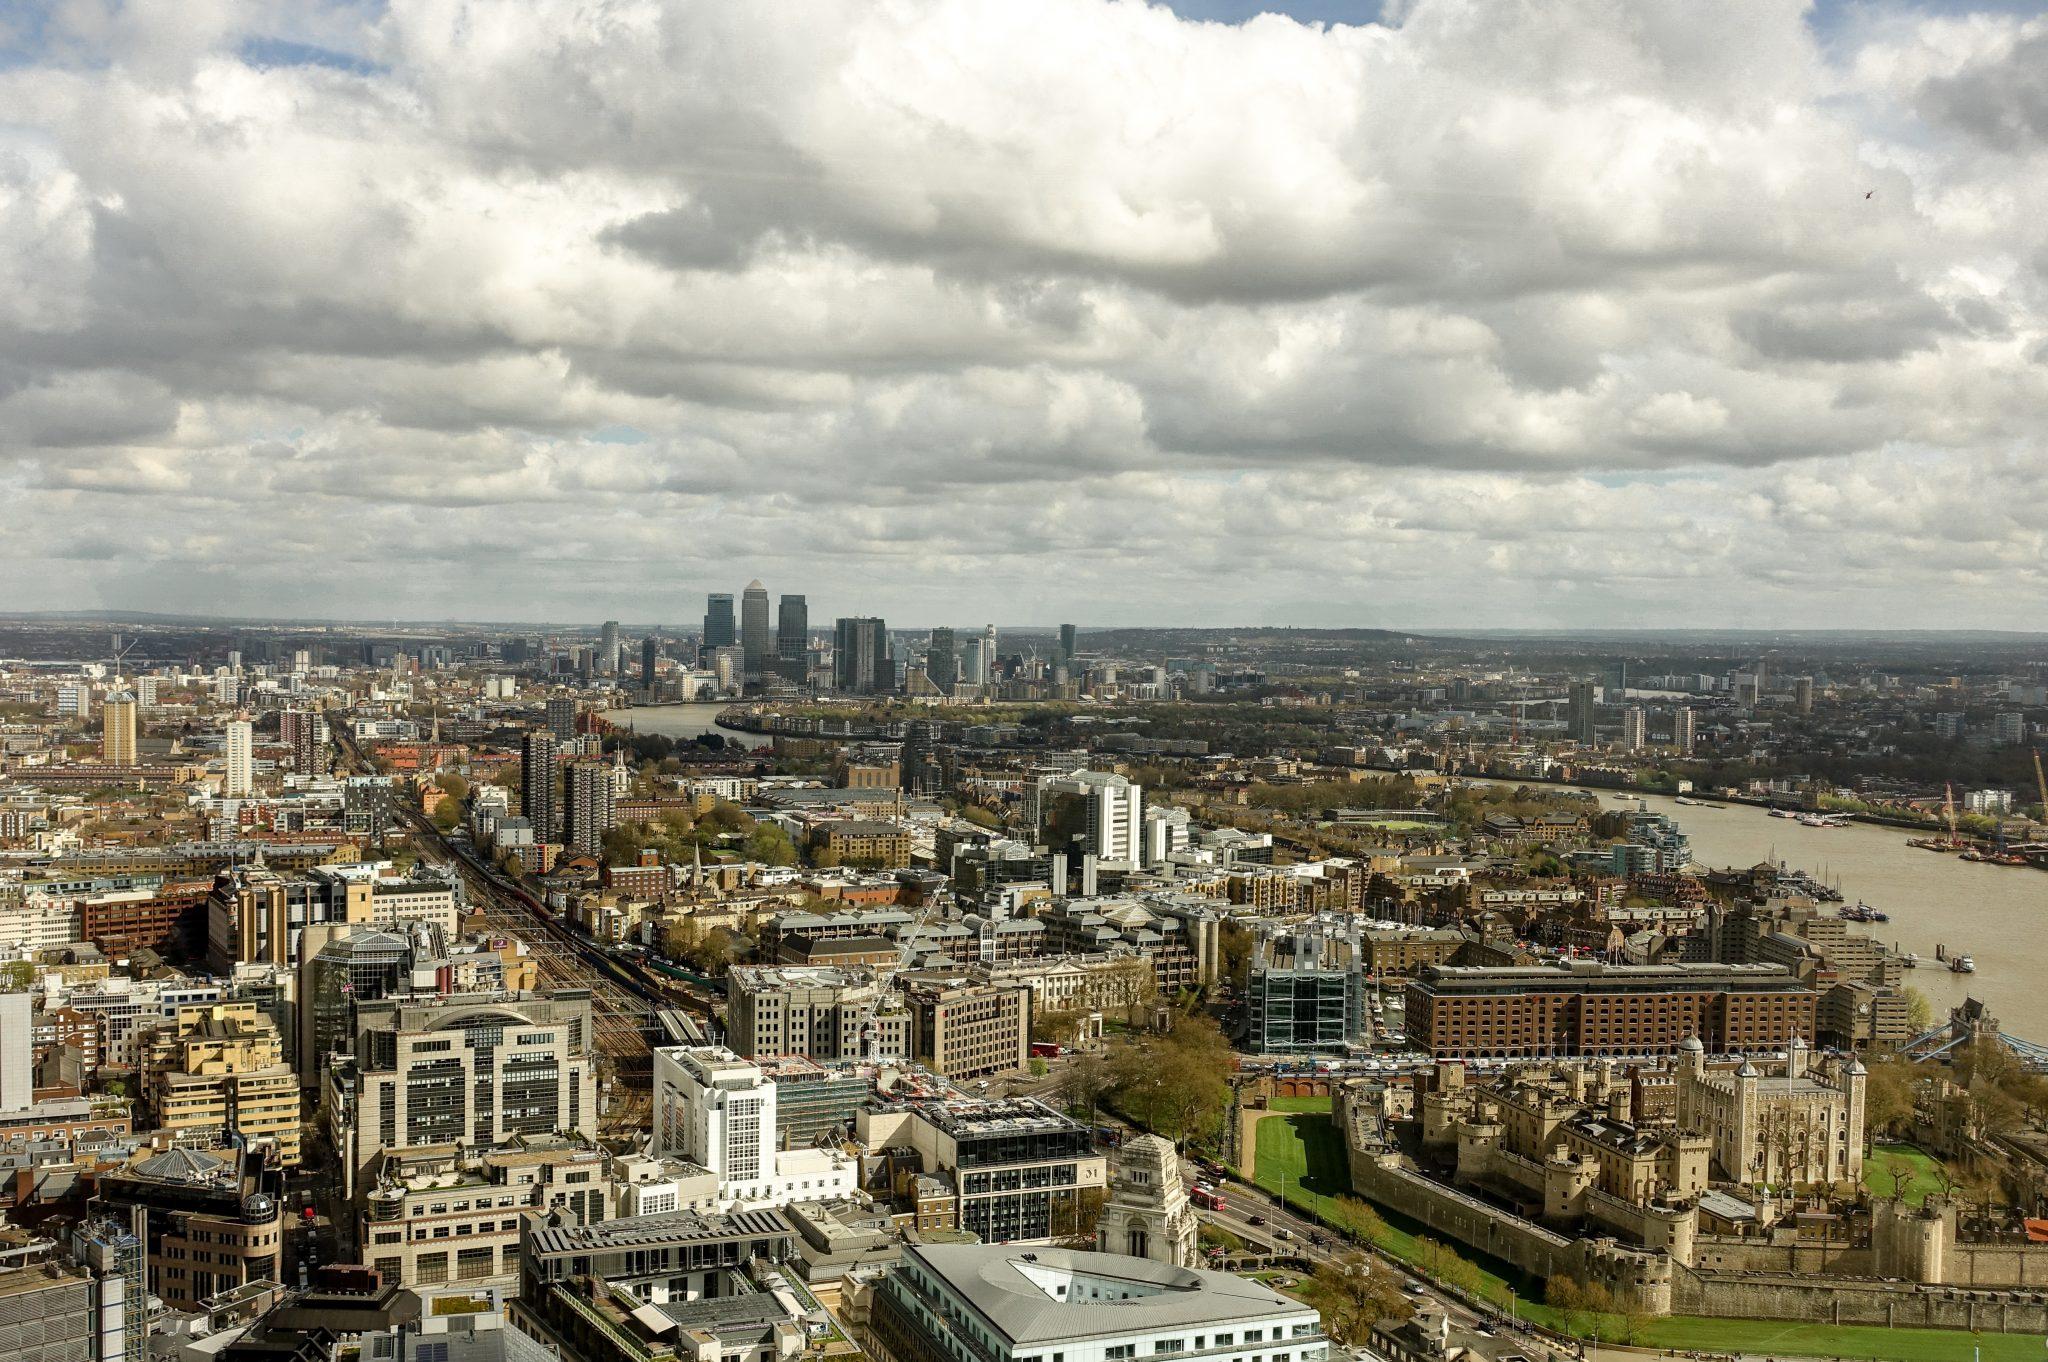 Wie-du-die-schönste-aussicht-londons-kostenlos-bekommst-ausblick